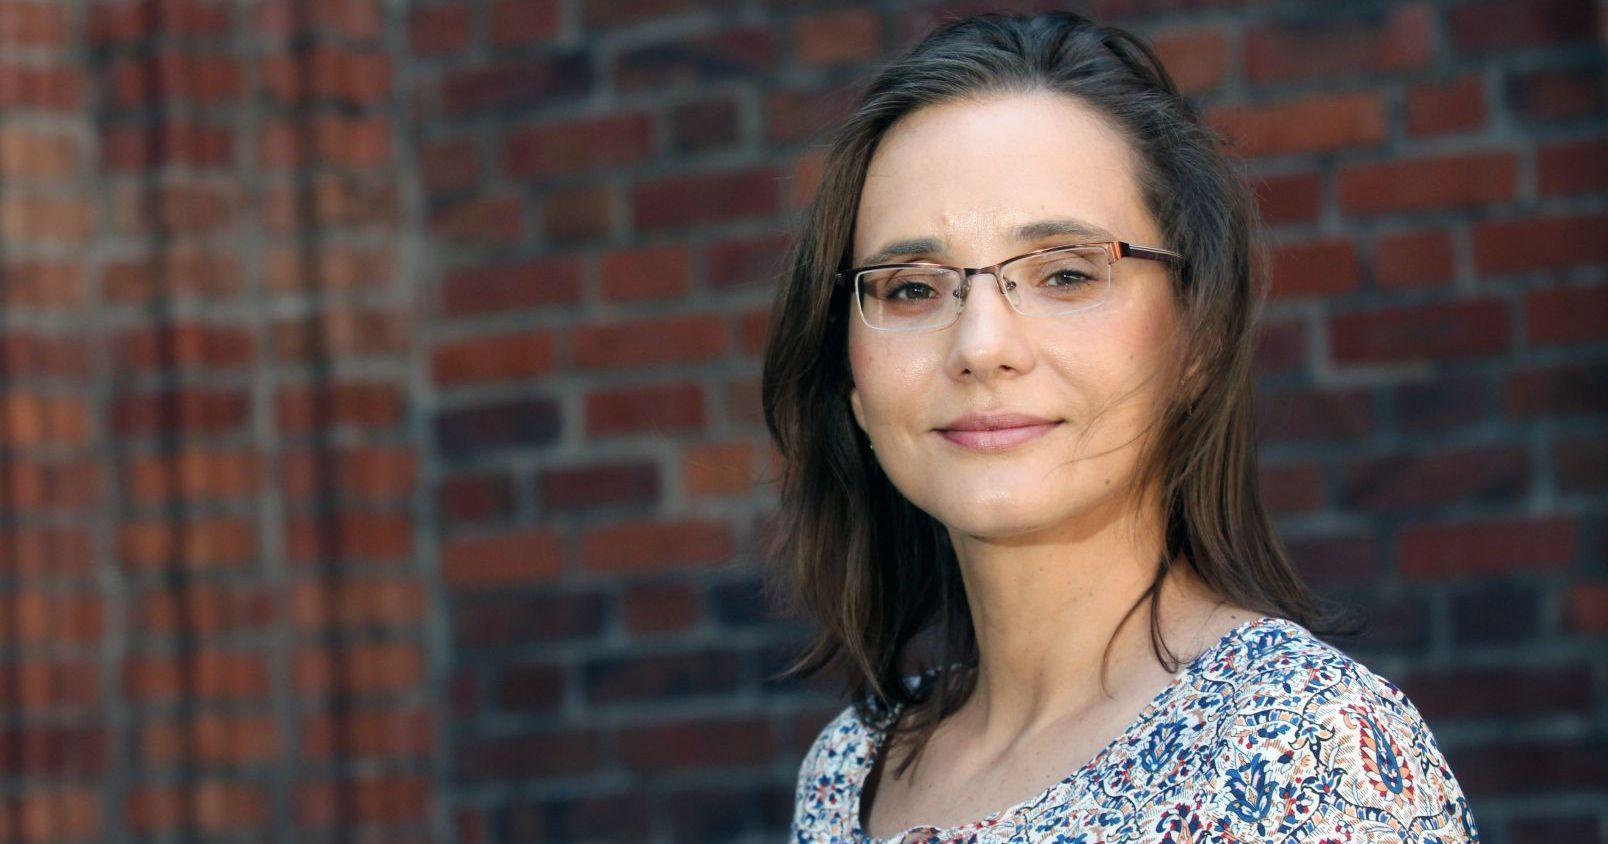 Dr hab. Anna Branach-Kallas, prof. UMK z Katedry Literatury, Kultury i Komparatystyki Anglojęzycznej